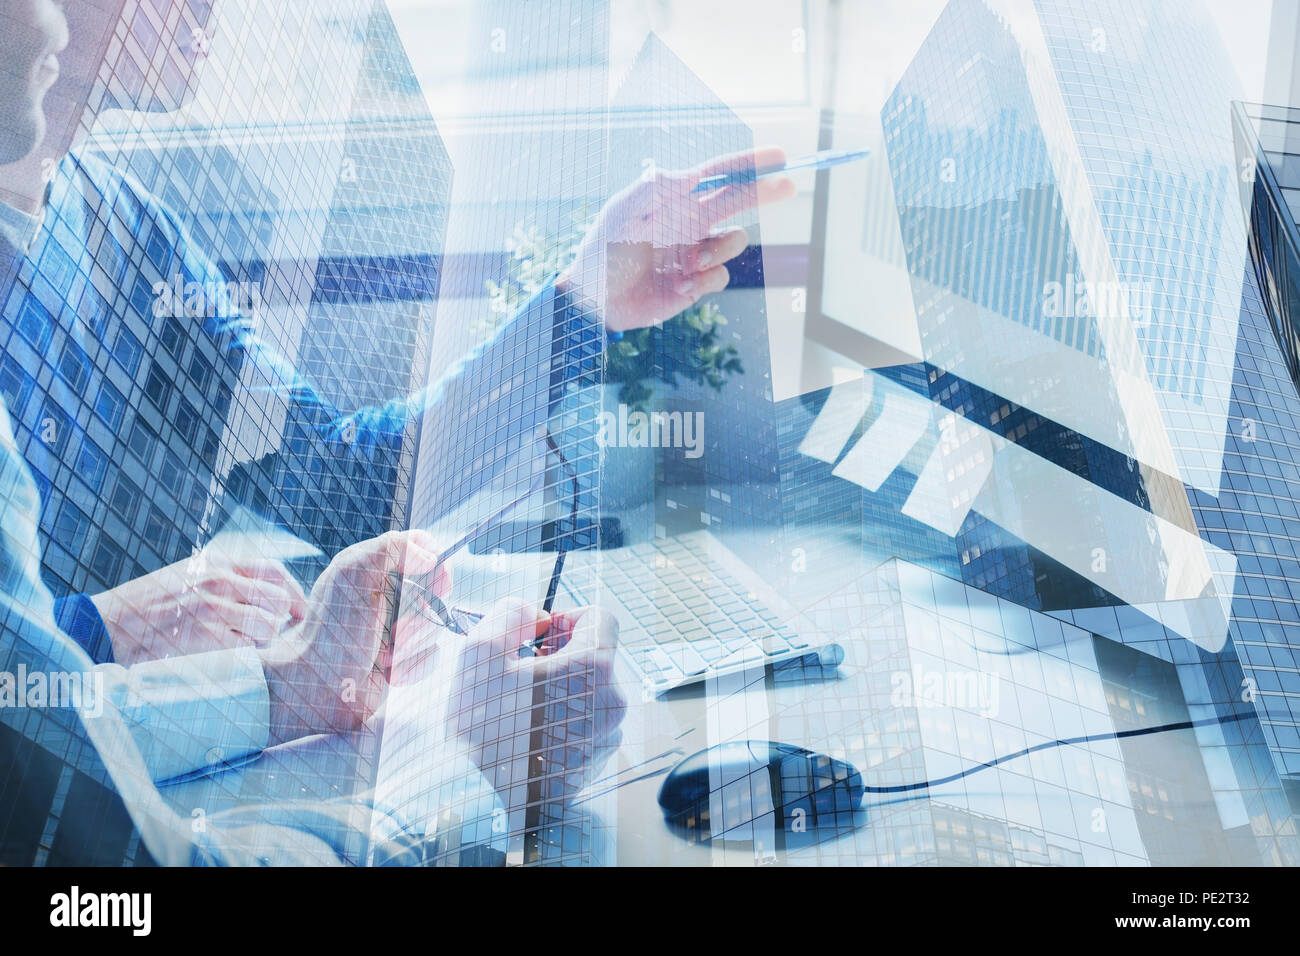 Los negocios y la innovación tecnológica, de ideas o concepto de colaboración, doble exposición de equipo que trabaja en la oficina moderna Imagen De Stock